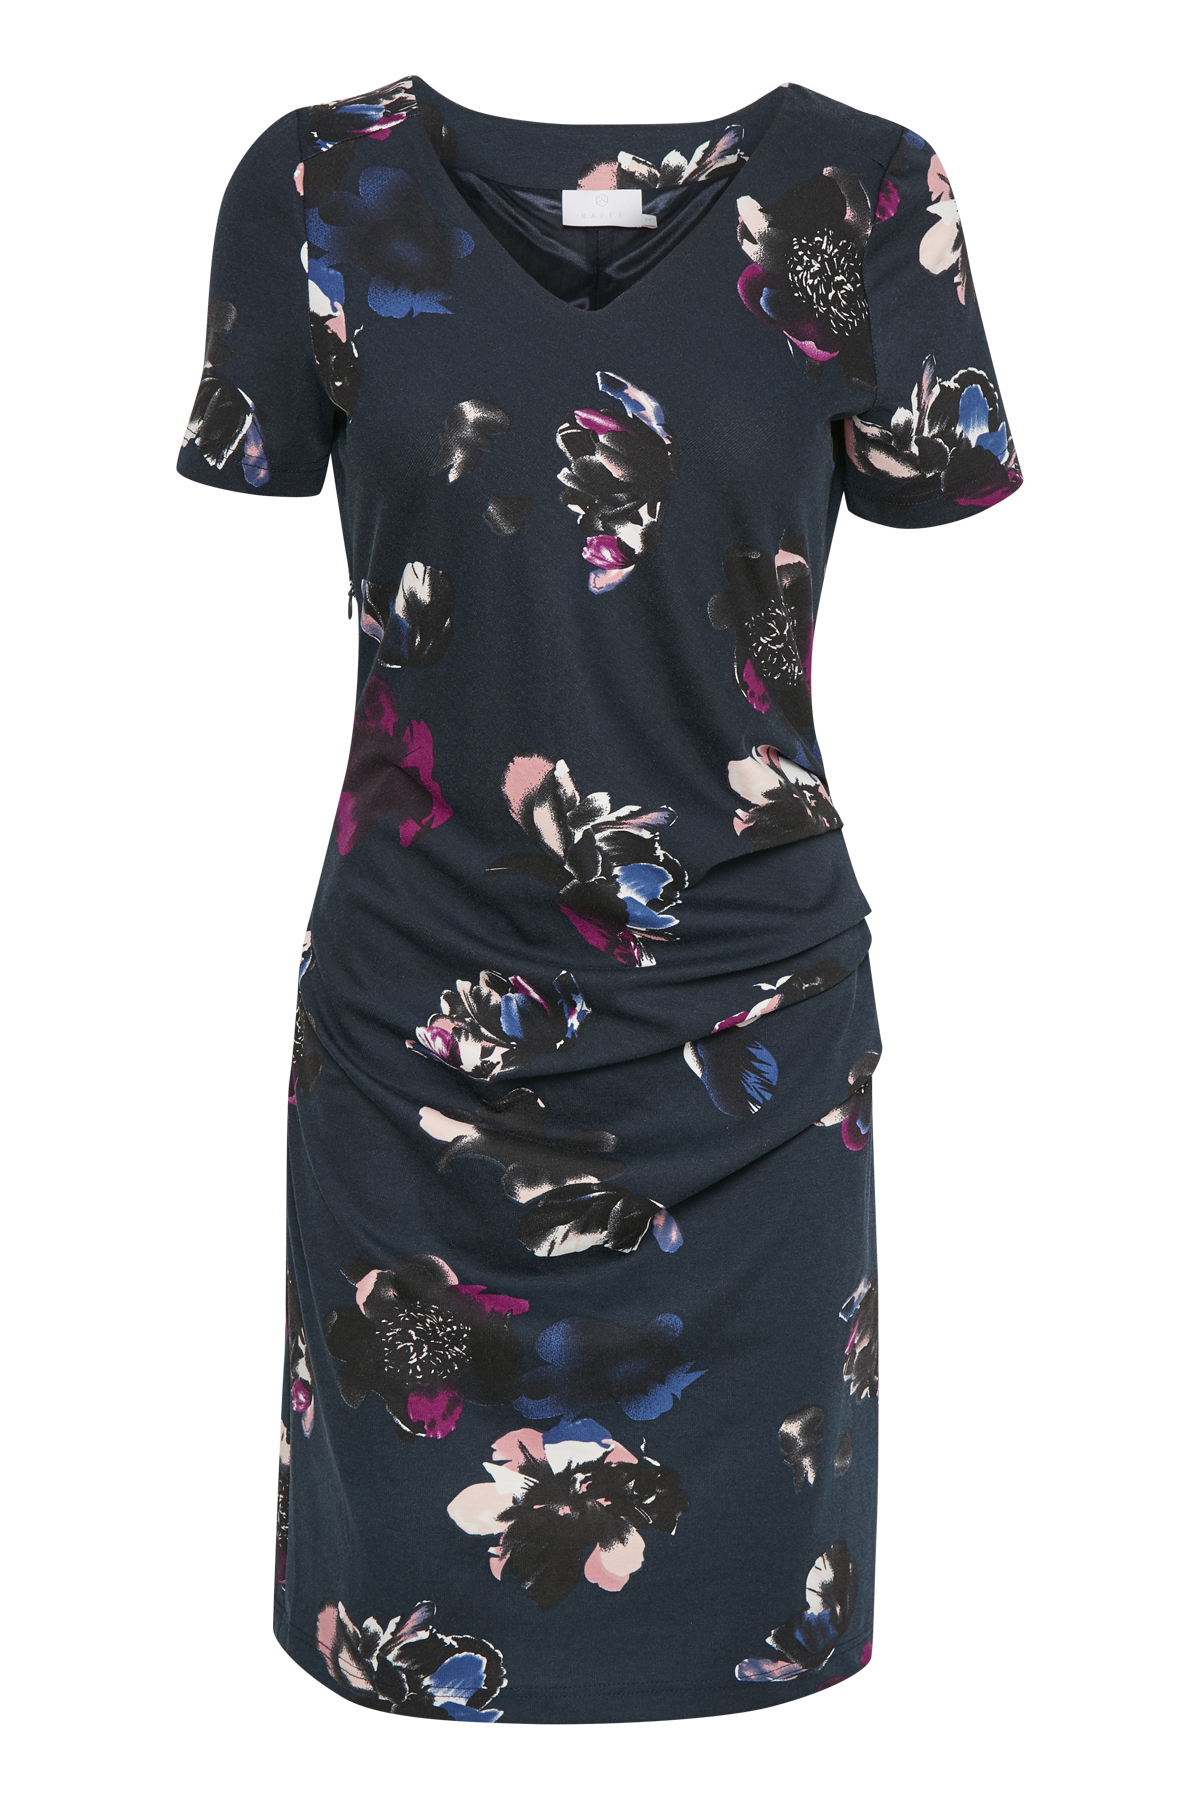 Marinblå Strickad klänning från Kaffe – Köp Marinblå Strickad klänning från stl. XS-XXL här